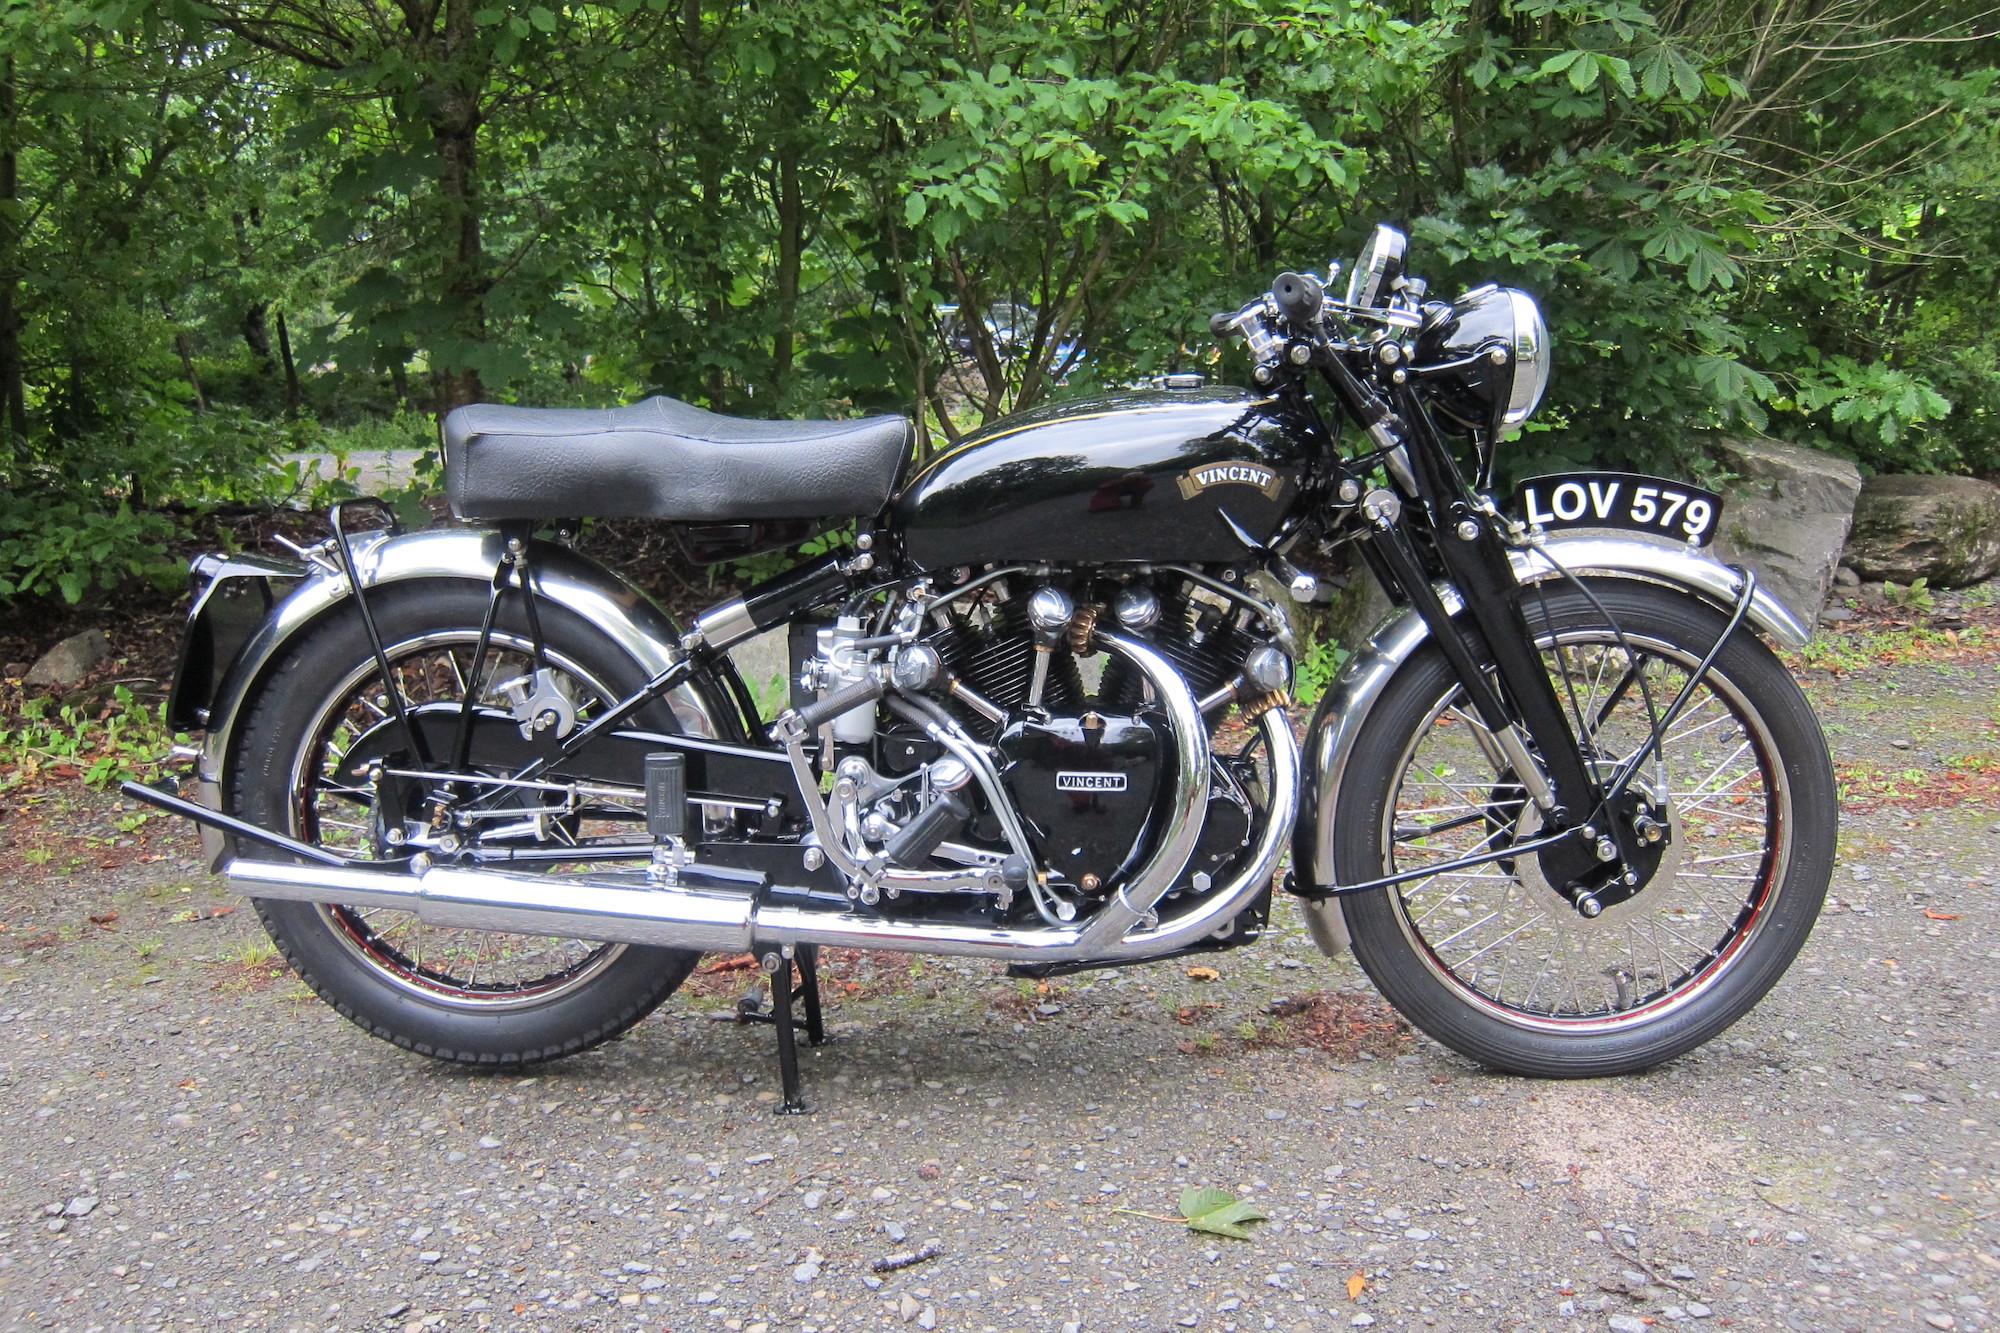 1951 Vincent HRD 998cc Black Shadow Series C